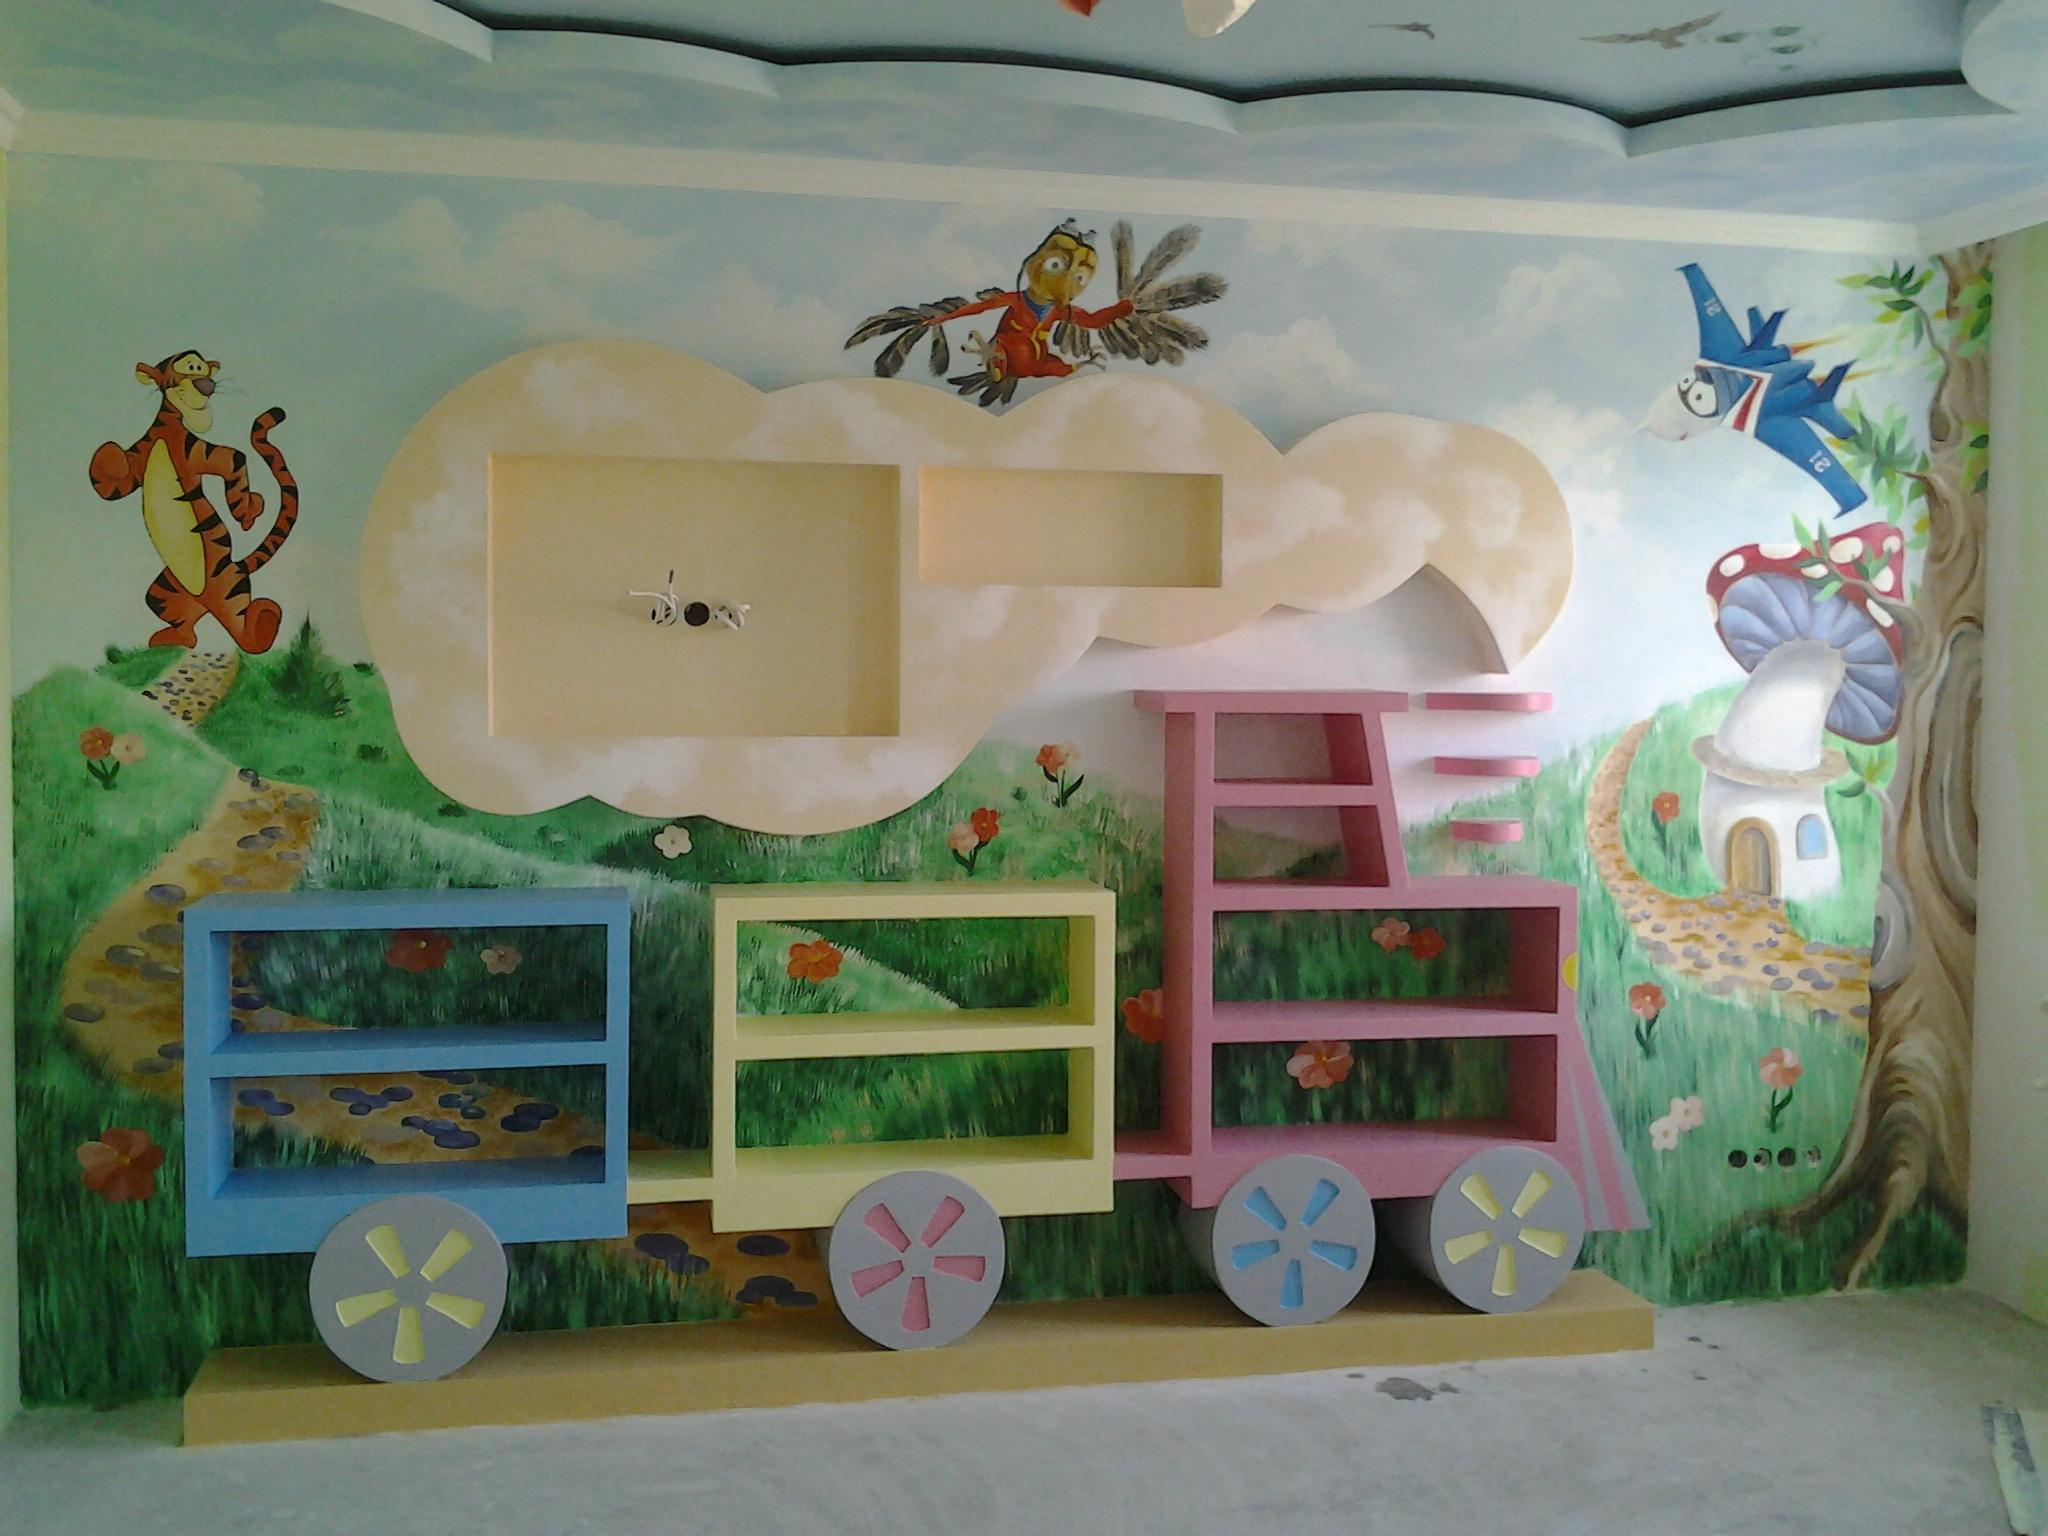 décoration murale en peinture enfant 2